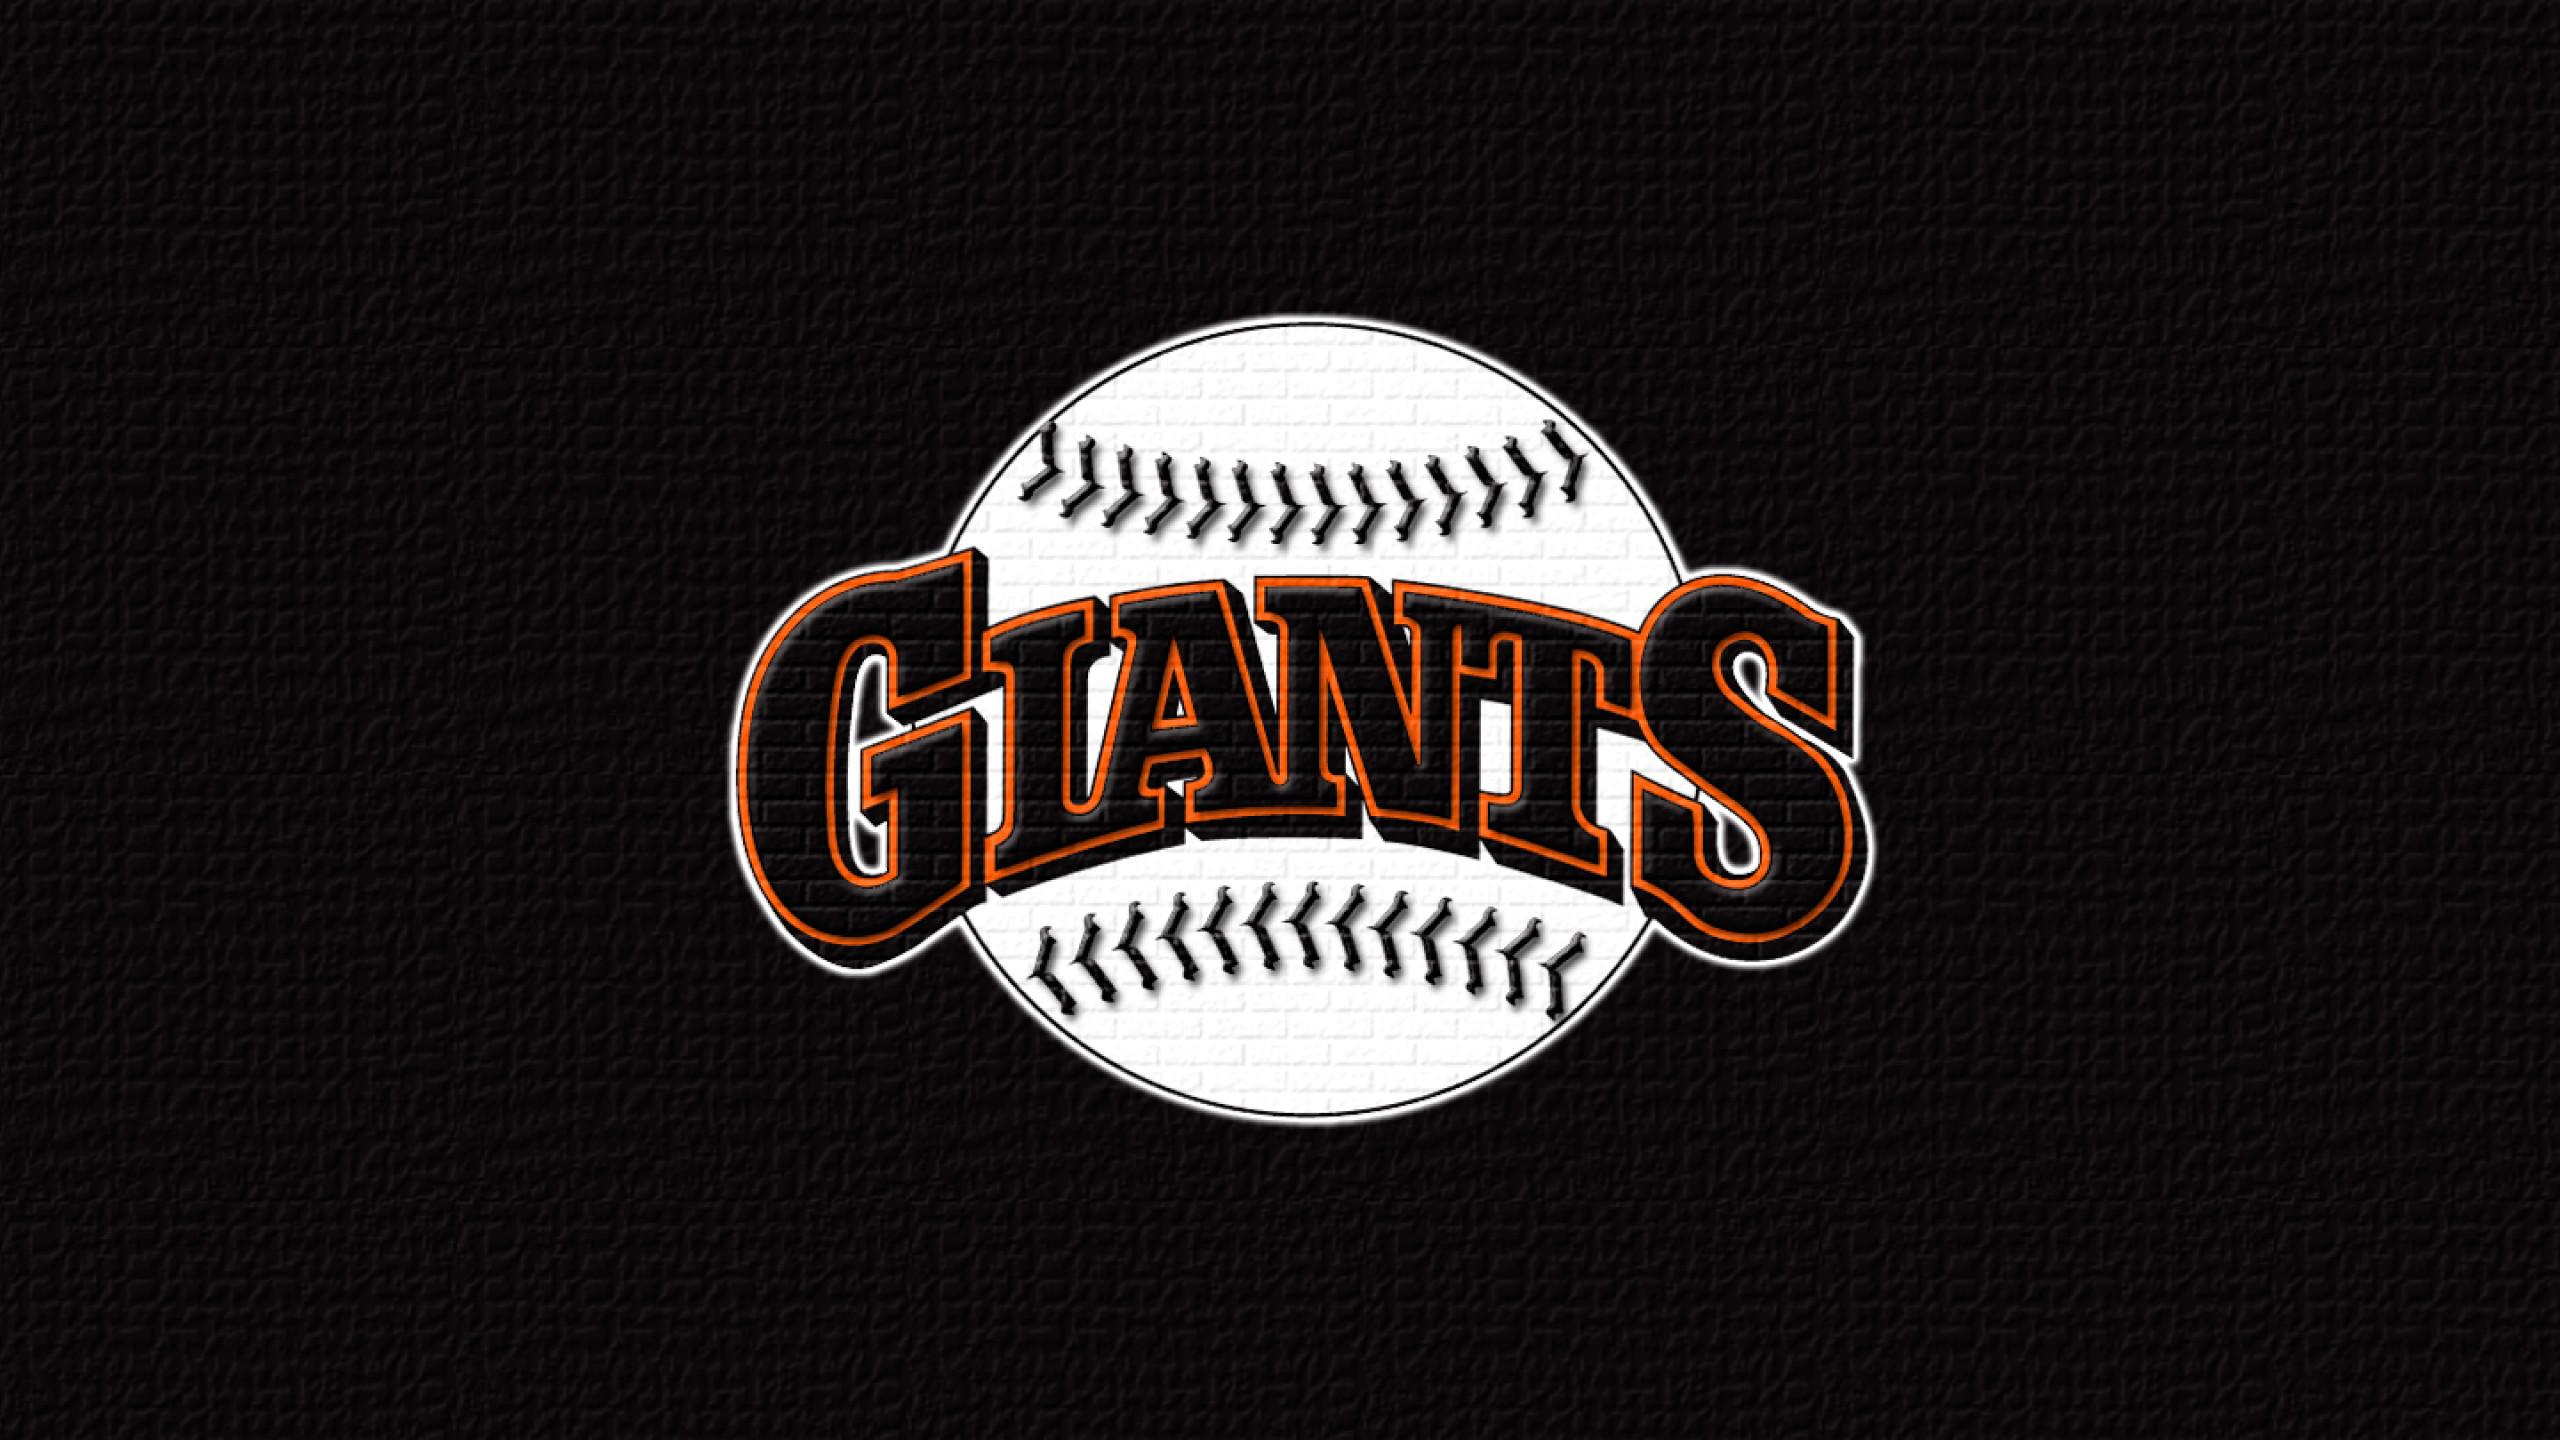 San-francisco-giants-logo-baseball-hd-wallpapers